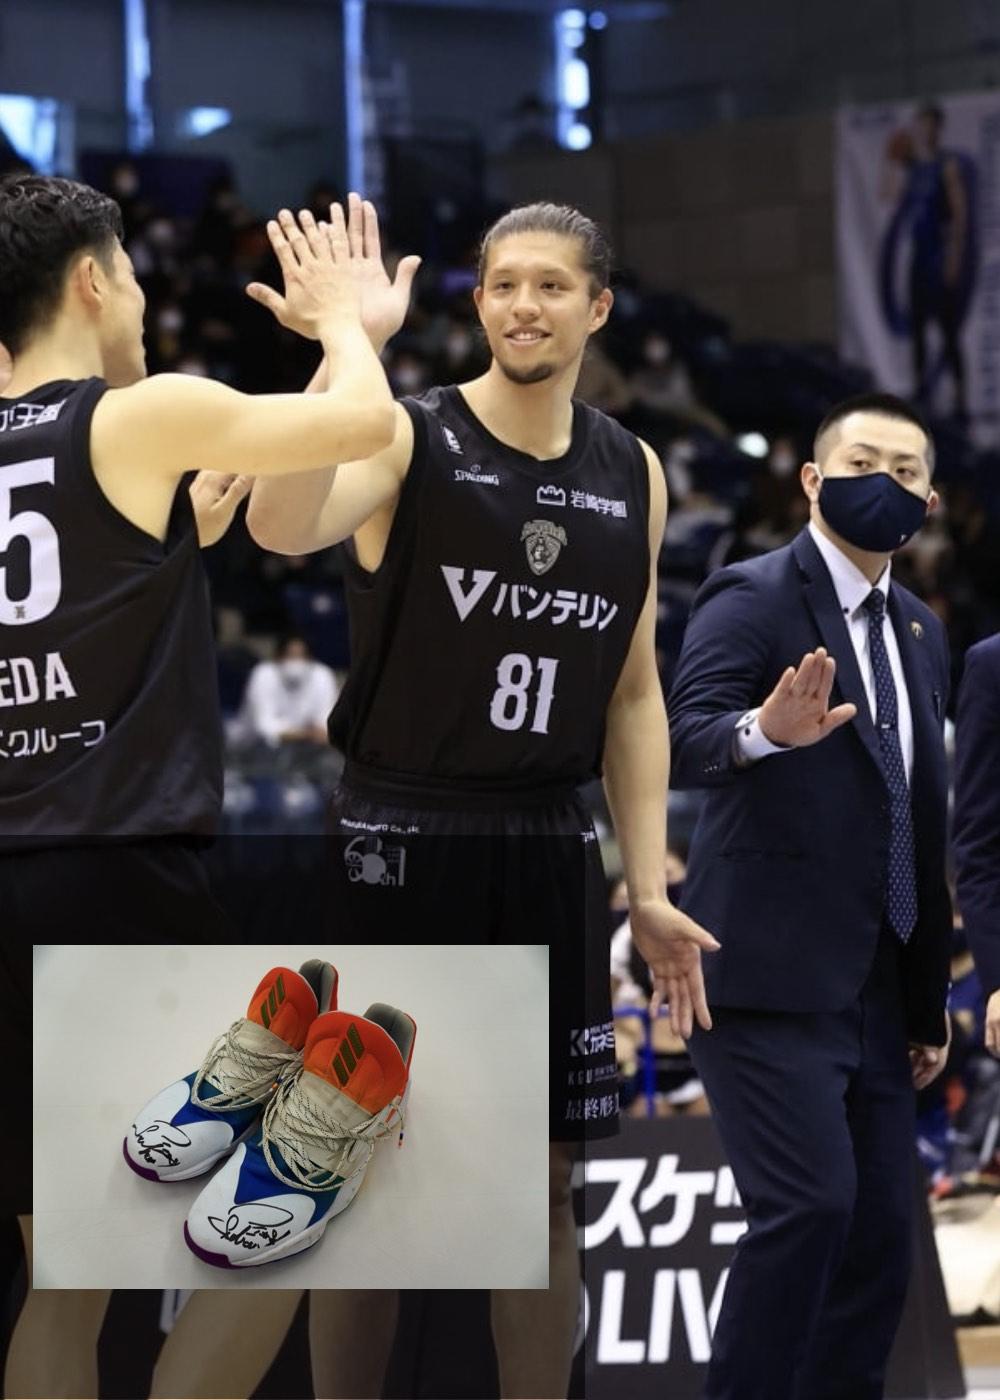 【公式】実使用・本人直筆サイン入り「バスケットボールシューズ①」#81 小原 翼